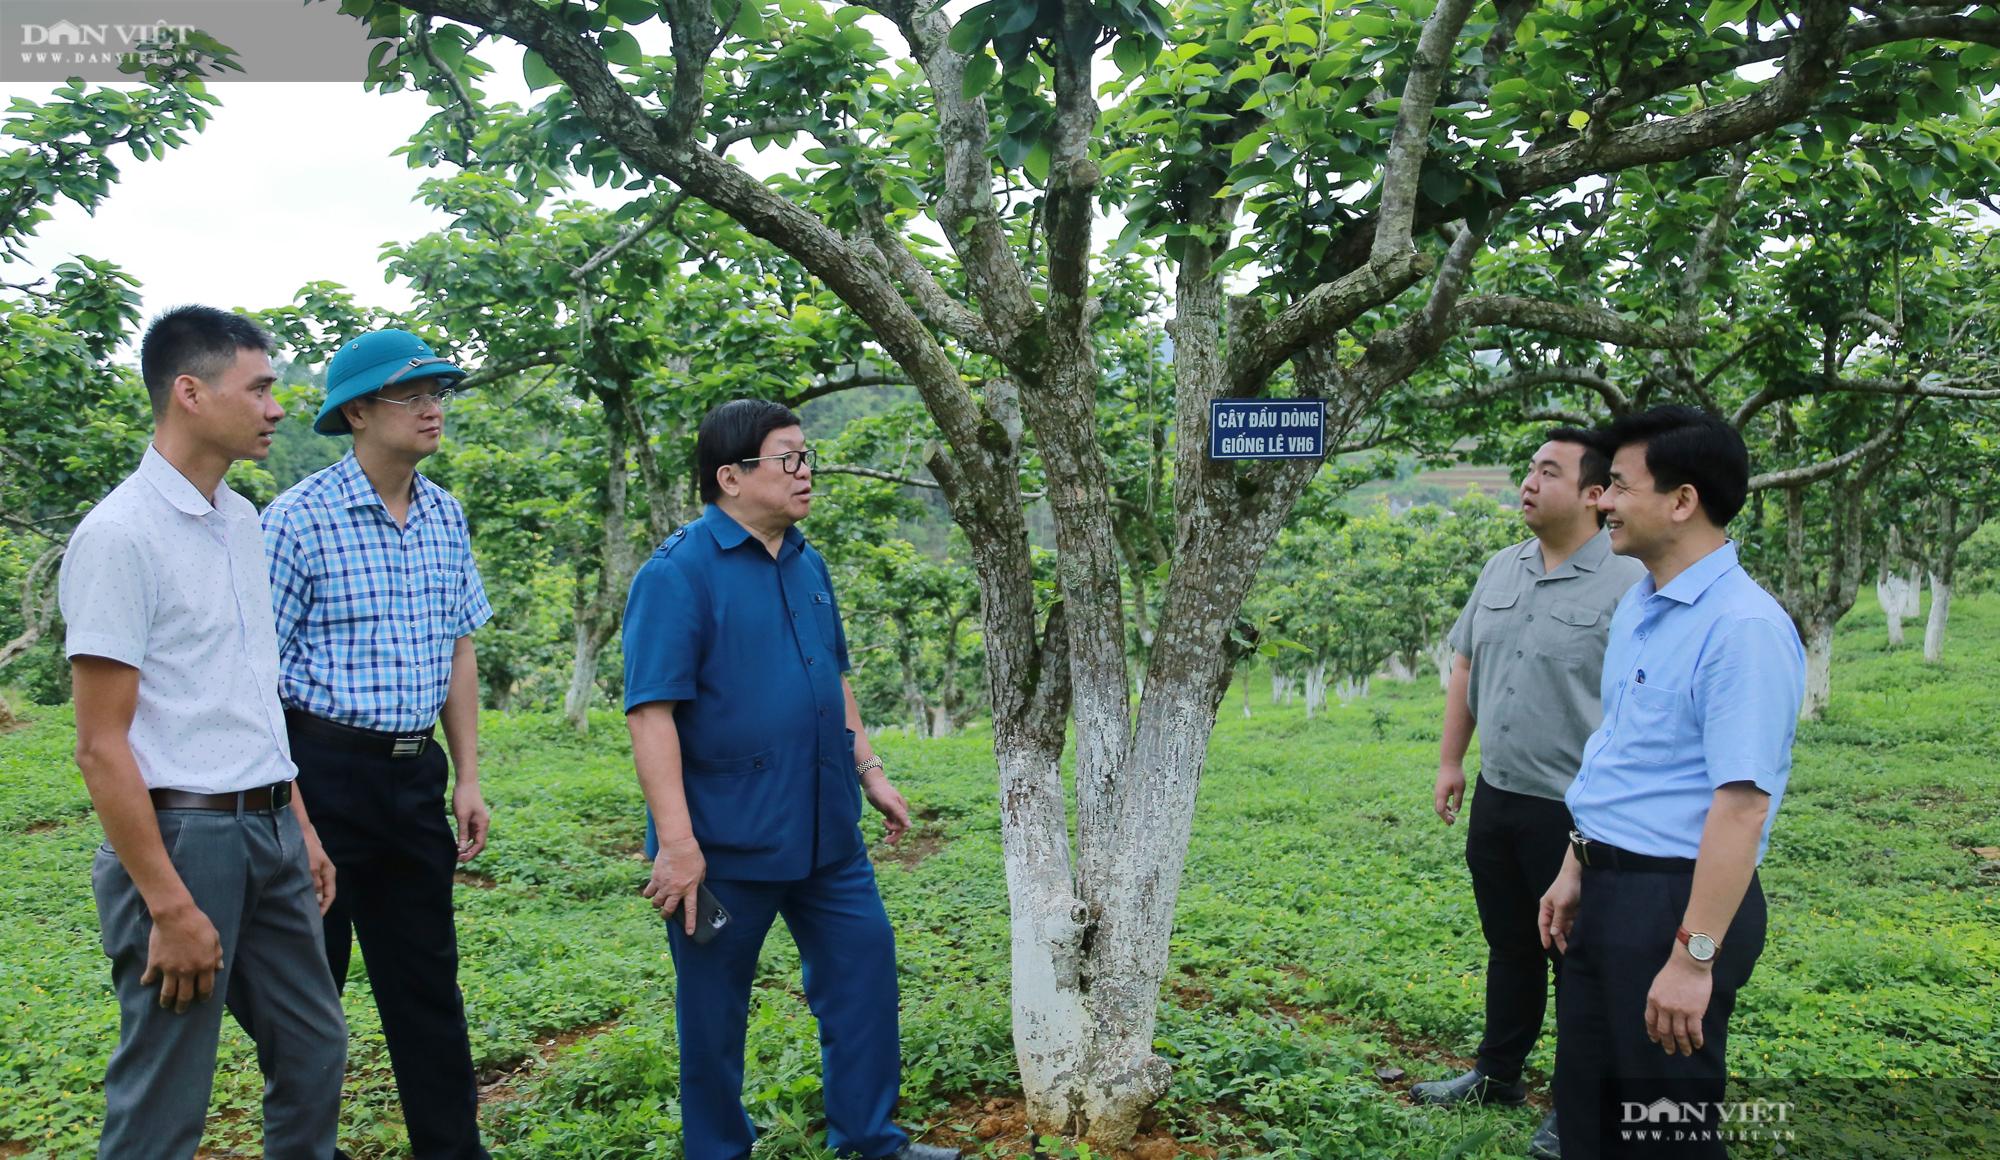 Chủ tịch Hội Nông dân Việt Nam thăm trại nghiên cứu cây ăn quả đặc sản ở biên giới - Ảnh 1.